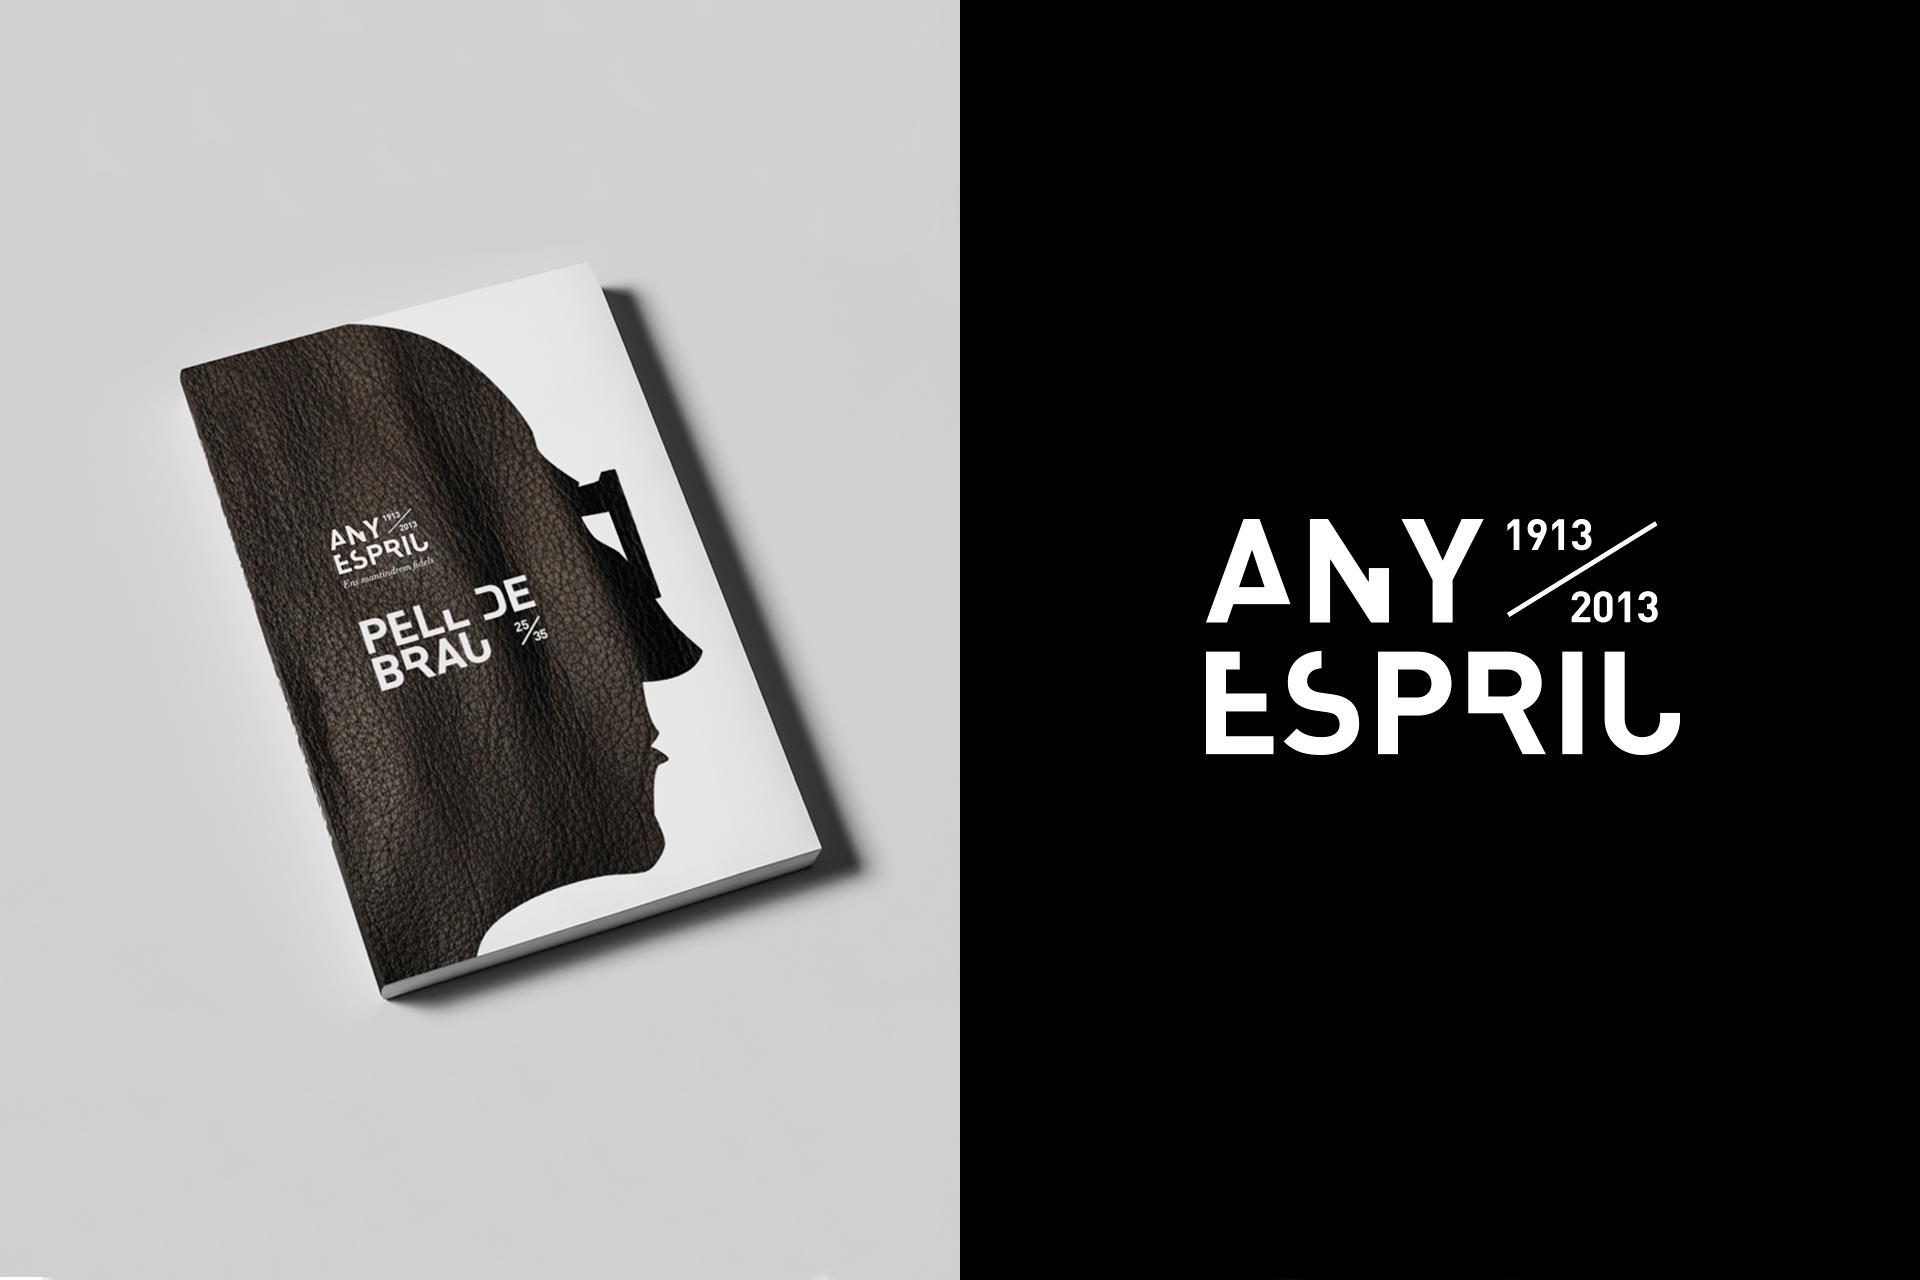 AnyEspriu_portadaLlibre_logo